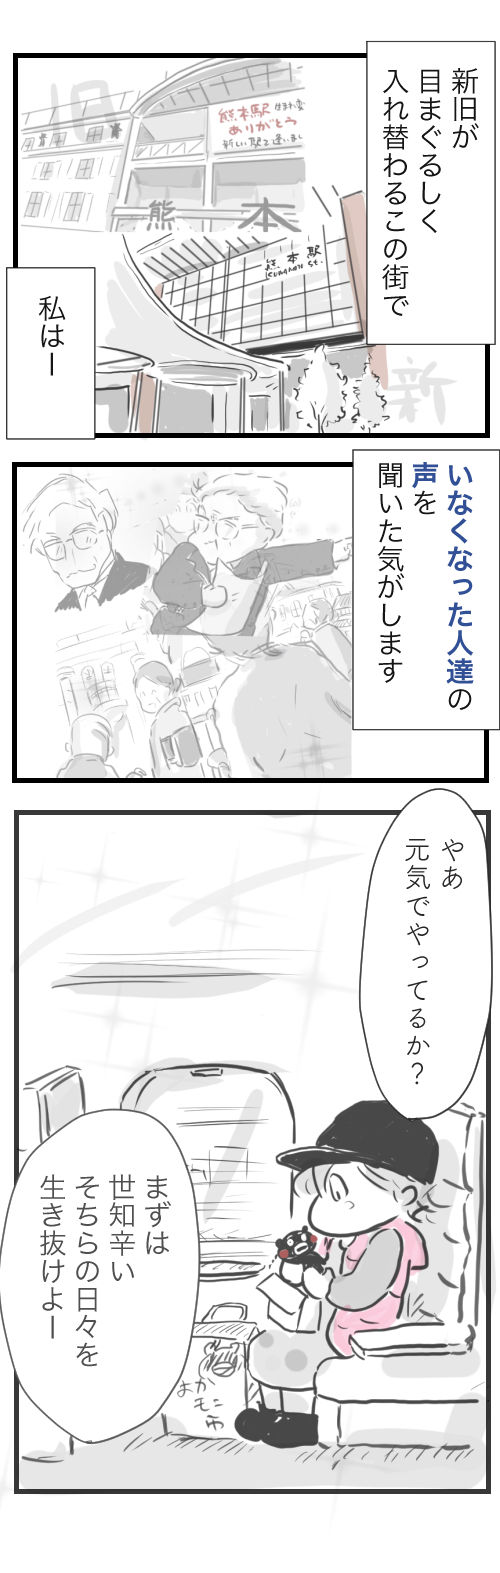 熊本レポ6−4−1